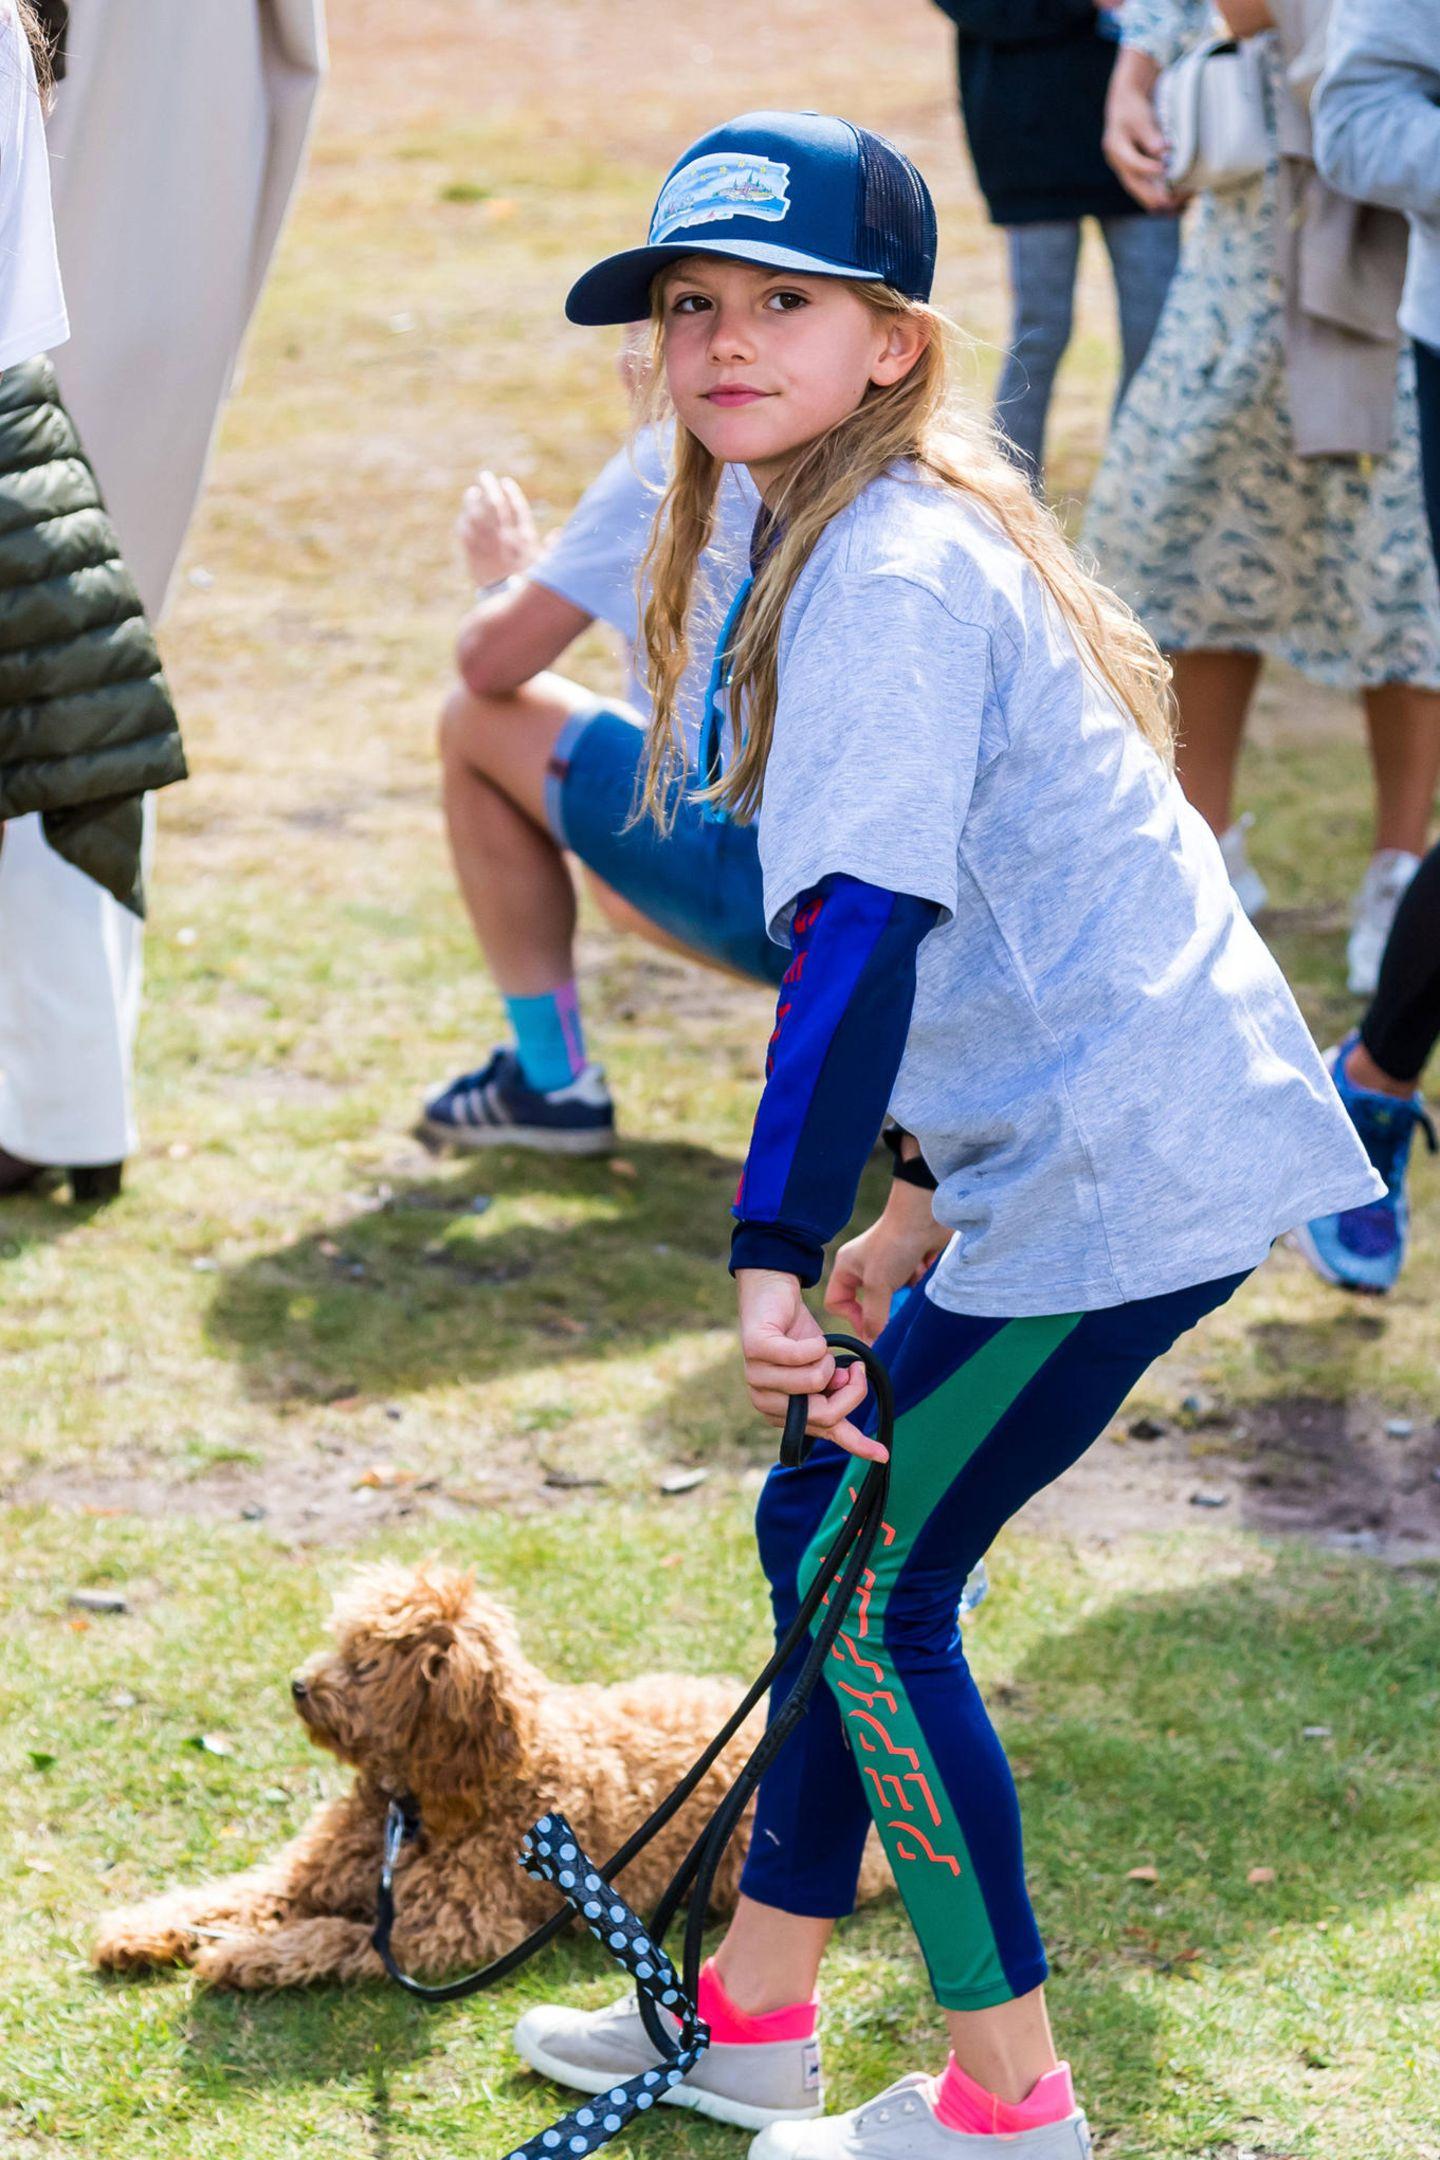 Auch Prinzessin Estelle ist mit Hündchen Rio an ihrer Seite beimsportlichen Ereignis im Park dabei.